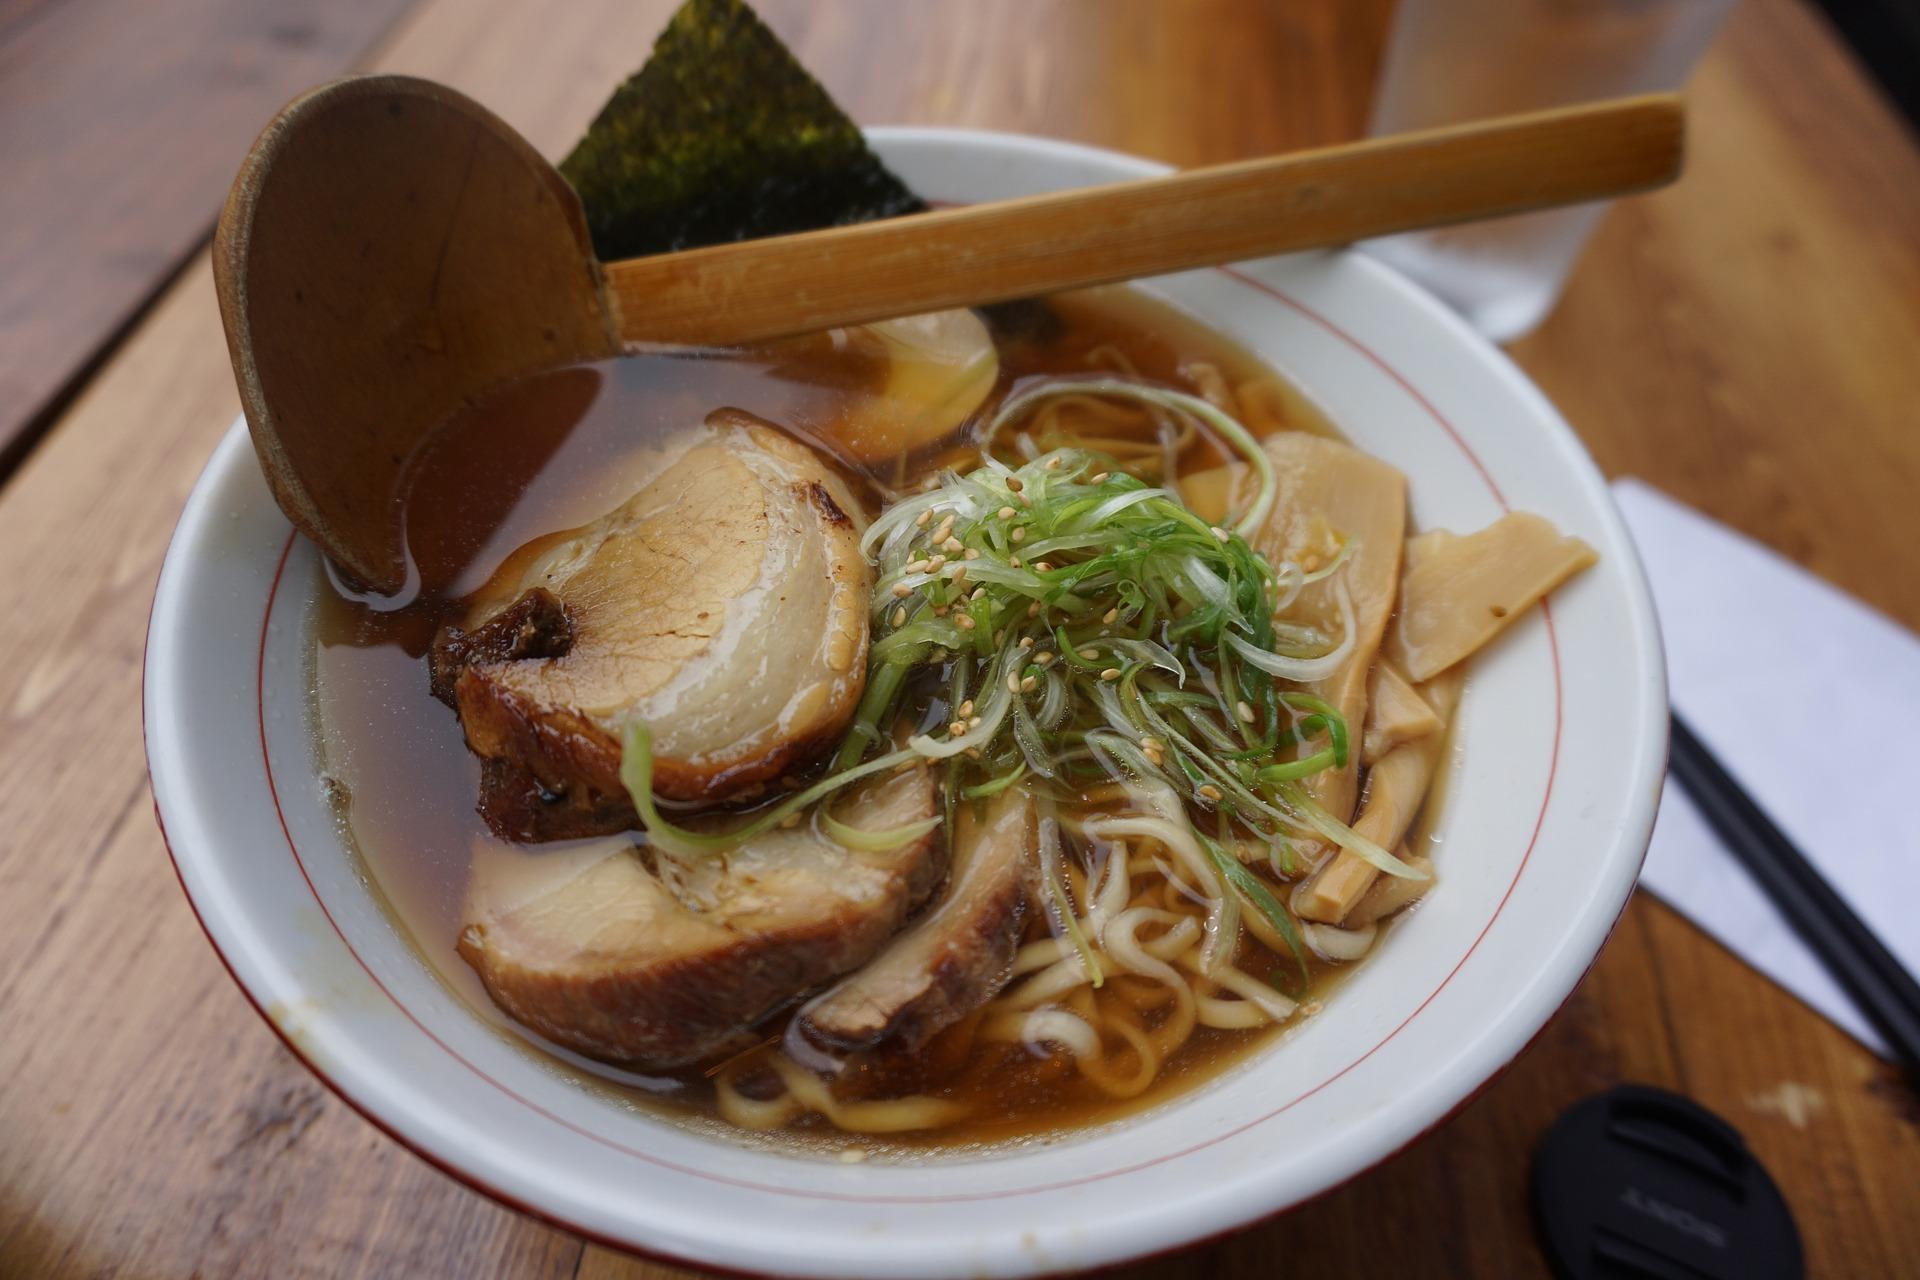 【京都】ラーメンデートにおすすめのお店3選